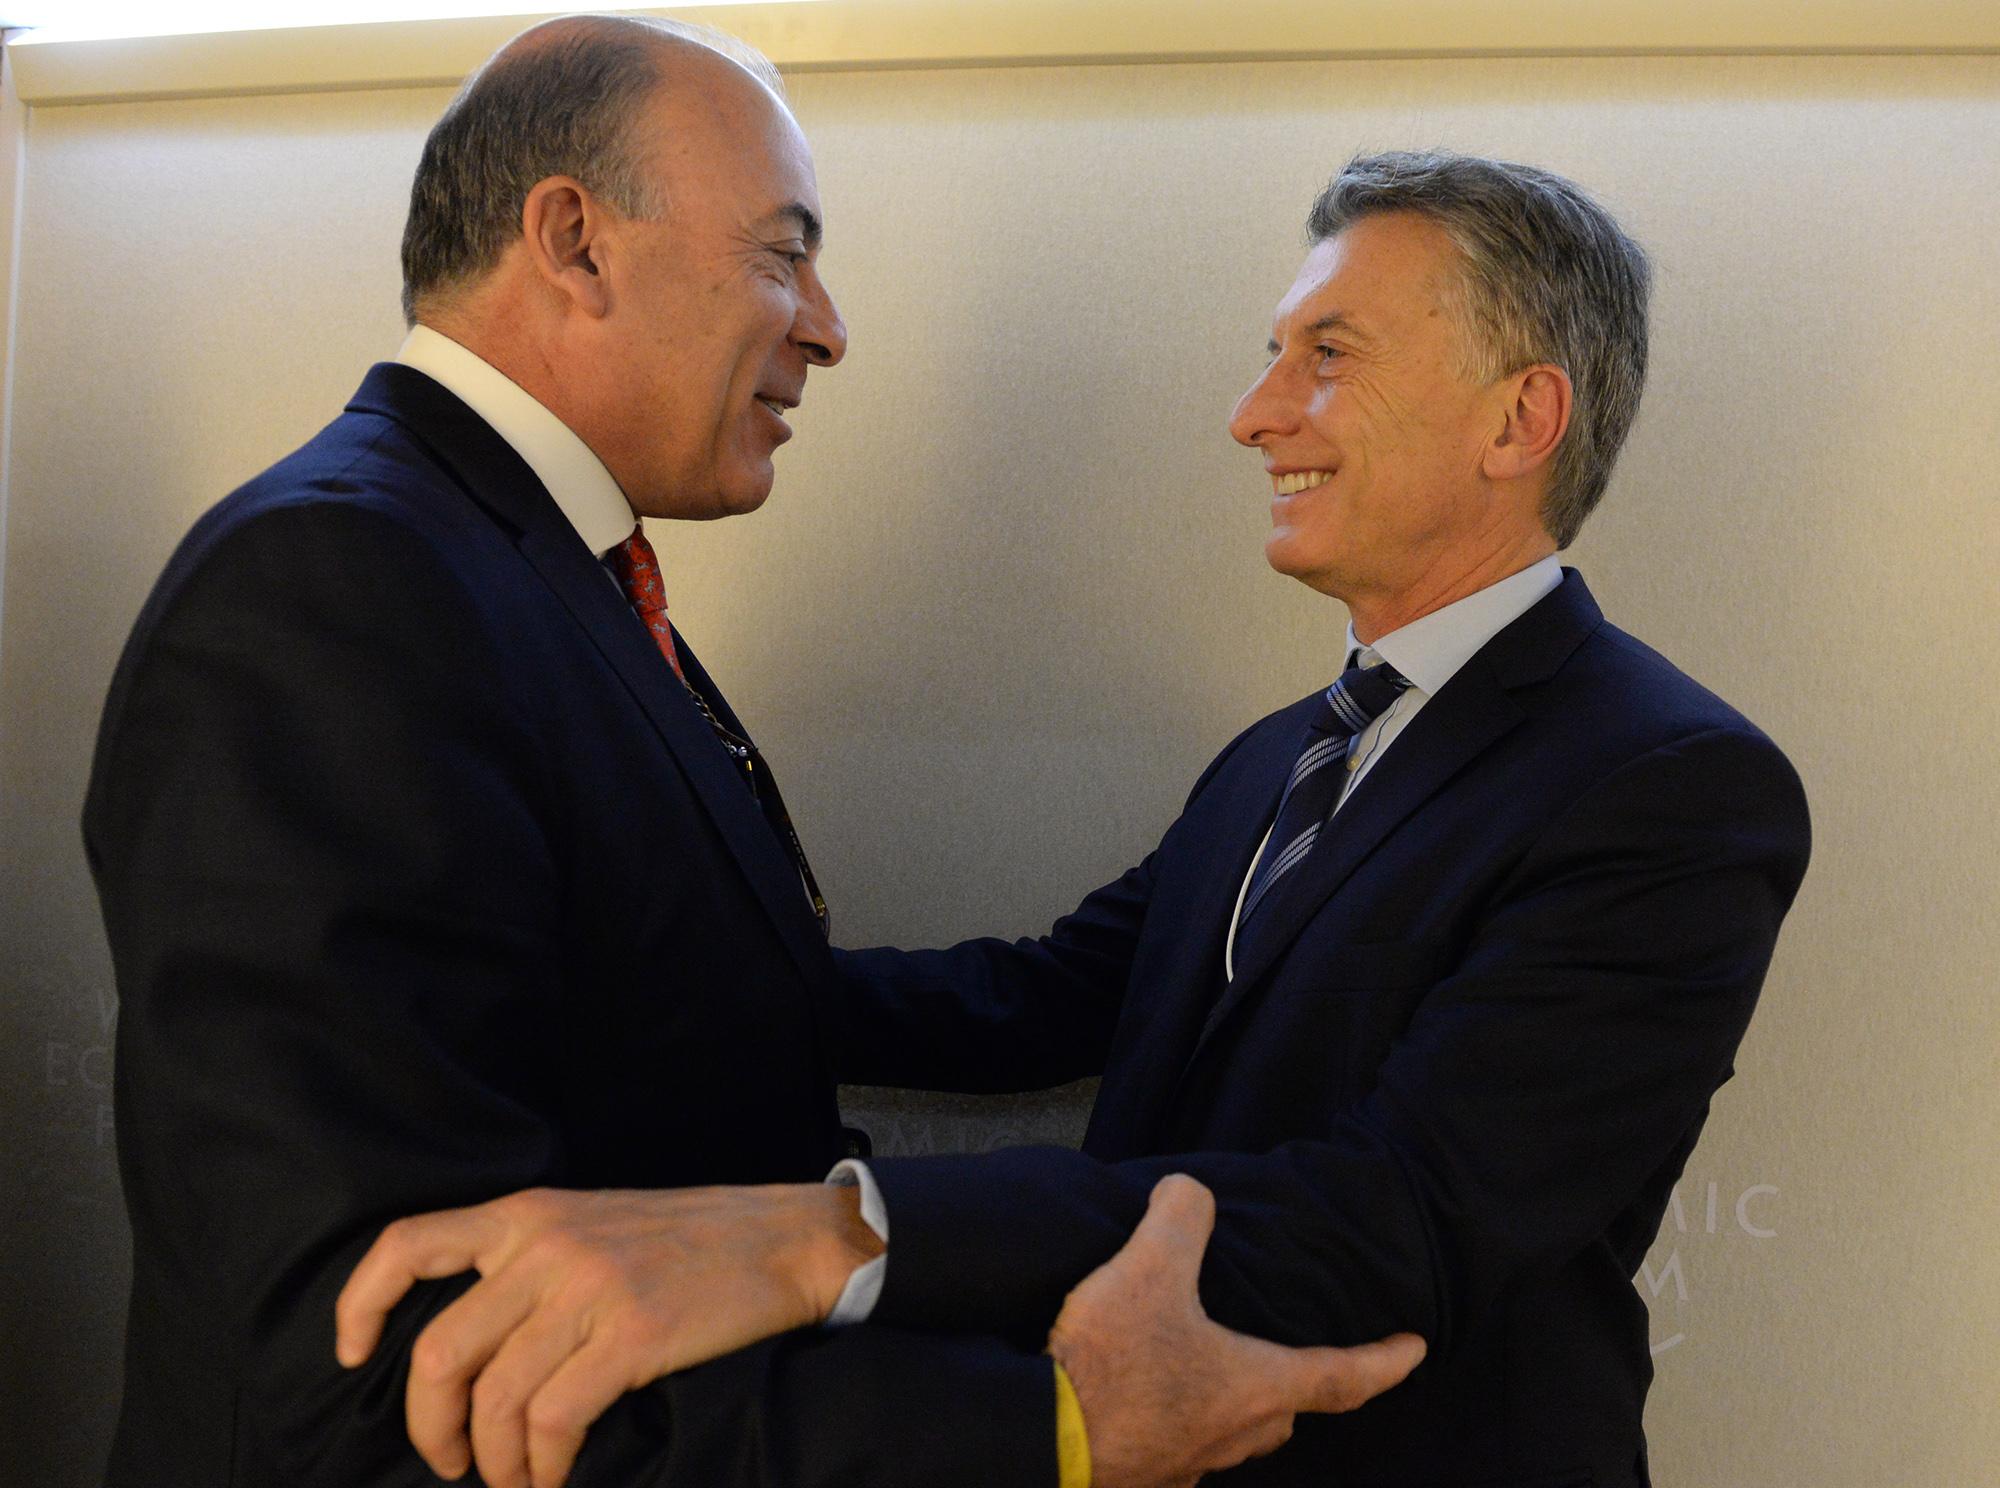 EL PRESIDENTE ARGENTINO, MAURICIO MACRI JUNTO A MUHTAR KENT, PRESIDENTE Y CEO, COCA-COLA, DURANTE LA REUNION EN FORO ECONÓMICO MUNDIAL